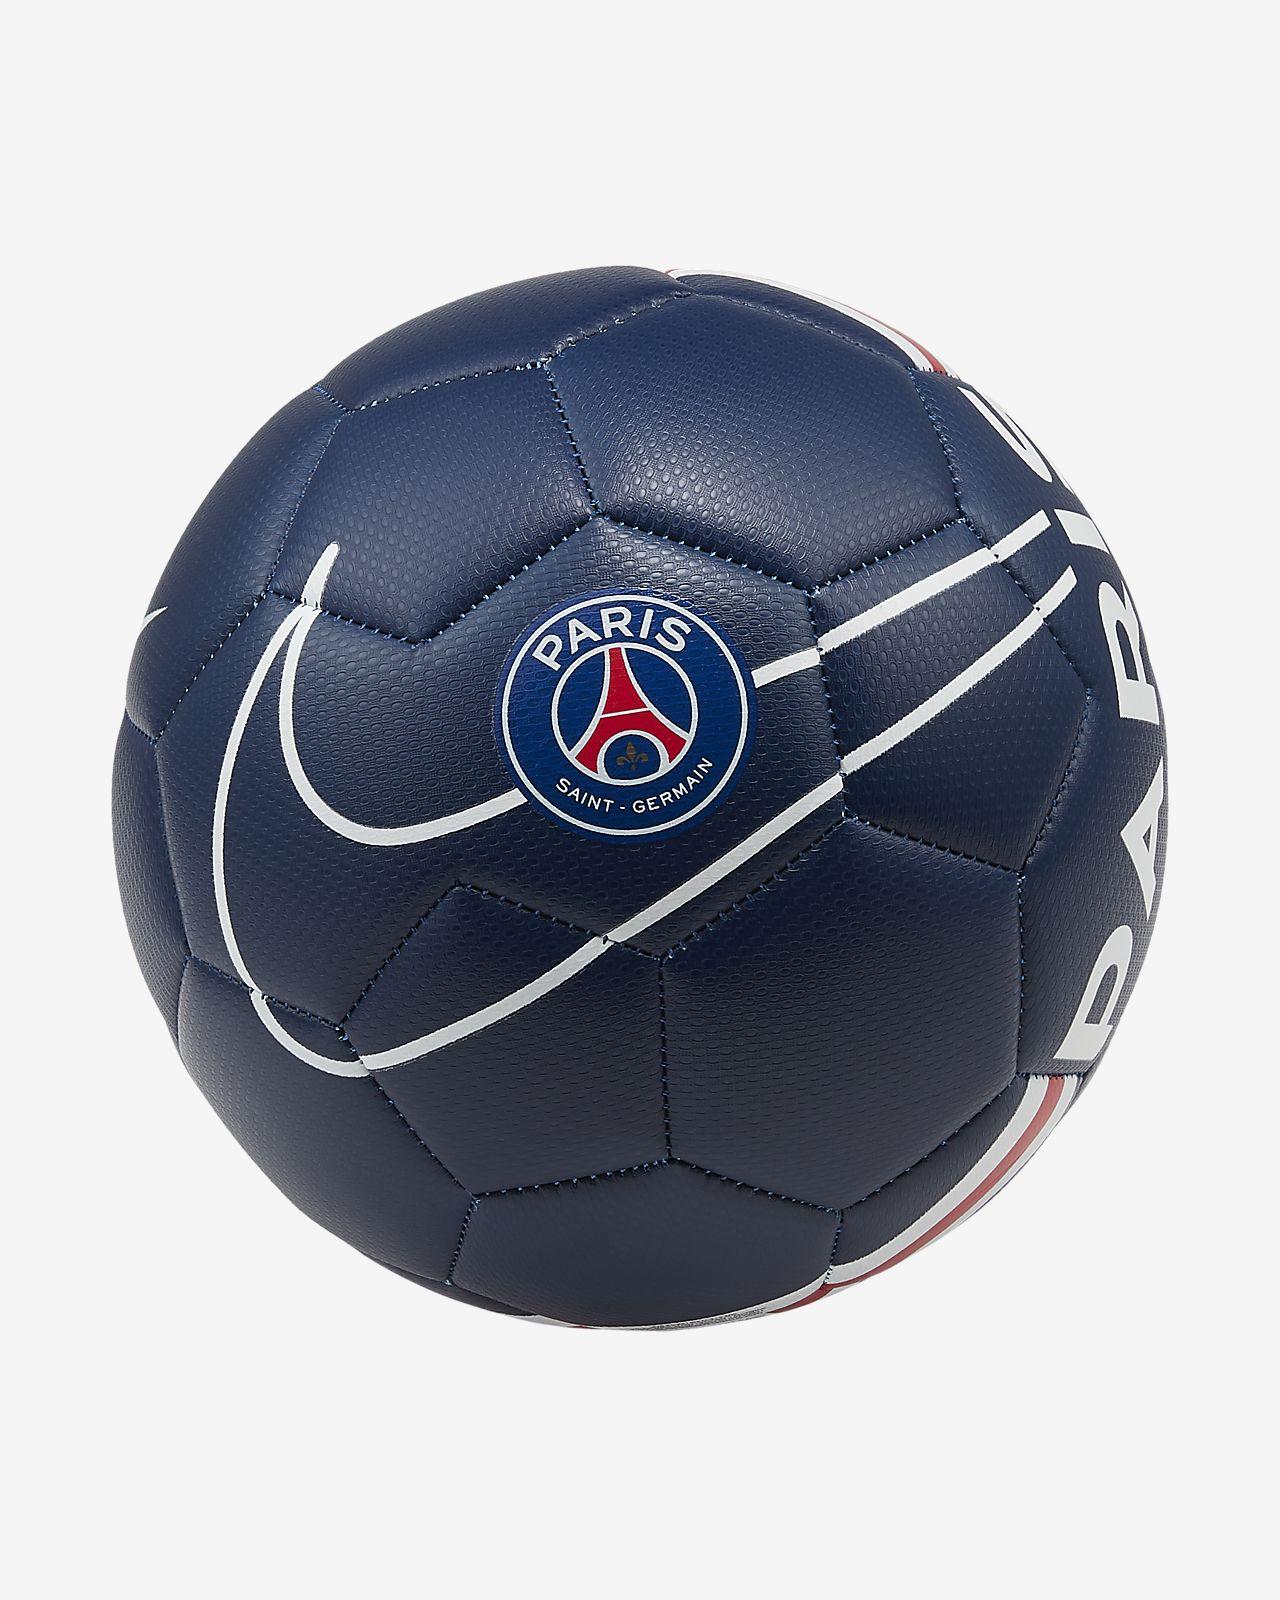 PSG Prestige Futbol Topu